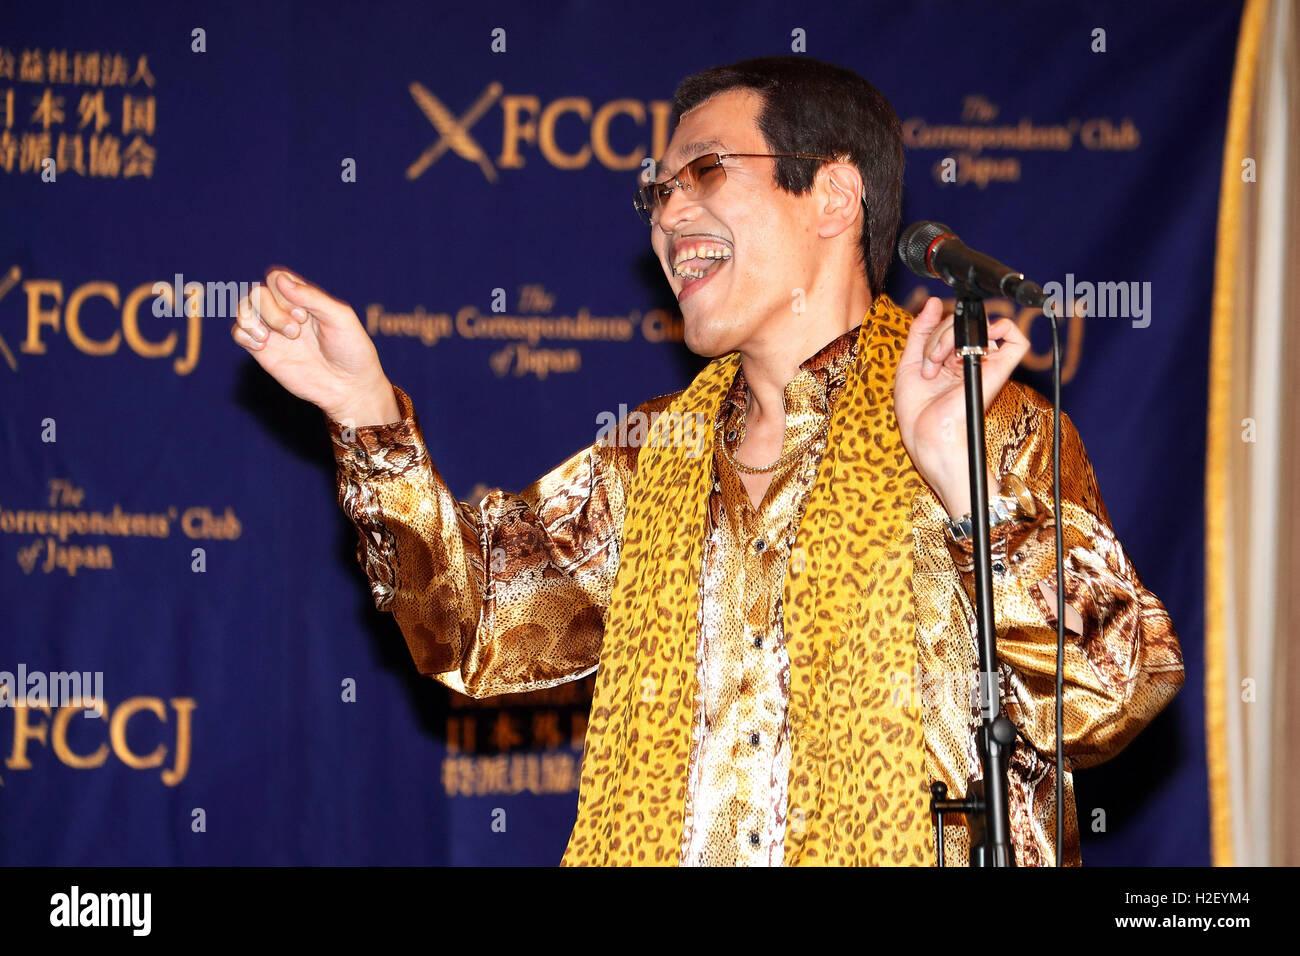 Tokyo, Japon. 28 Oct, 2016. Le comédien japonais (Pikotaro Taro Piko) effectue au cours d'une conférence Photo Stock